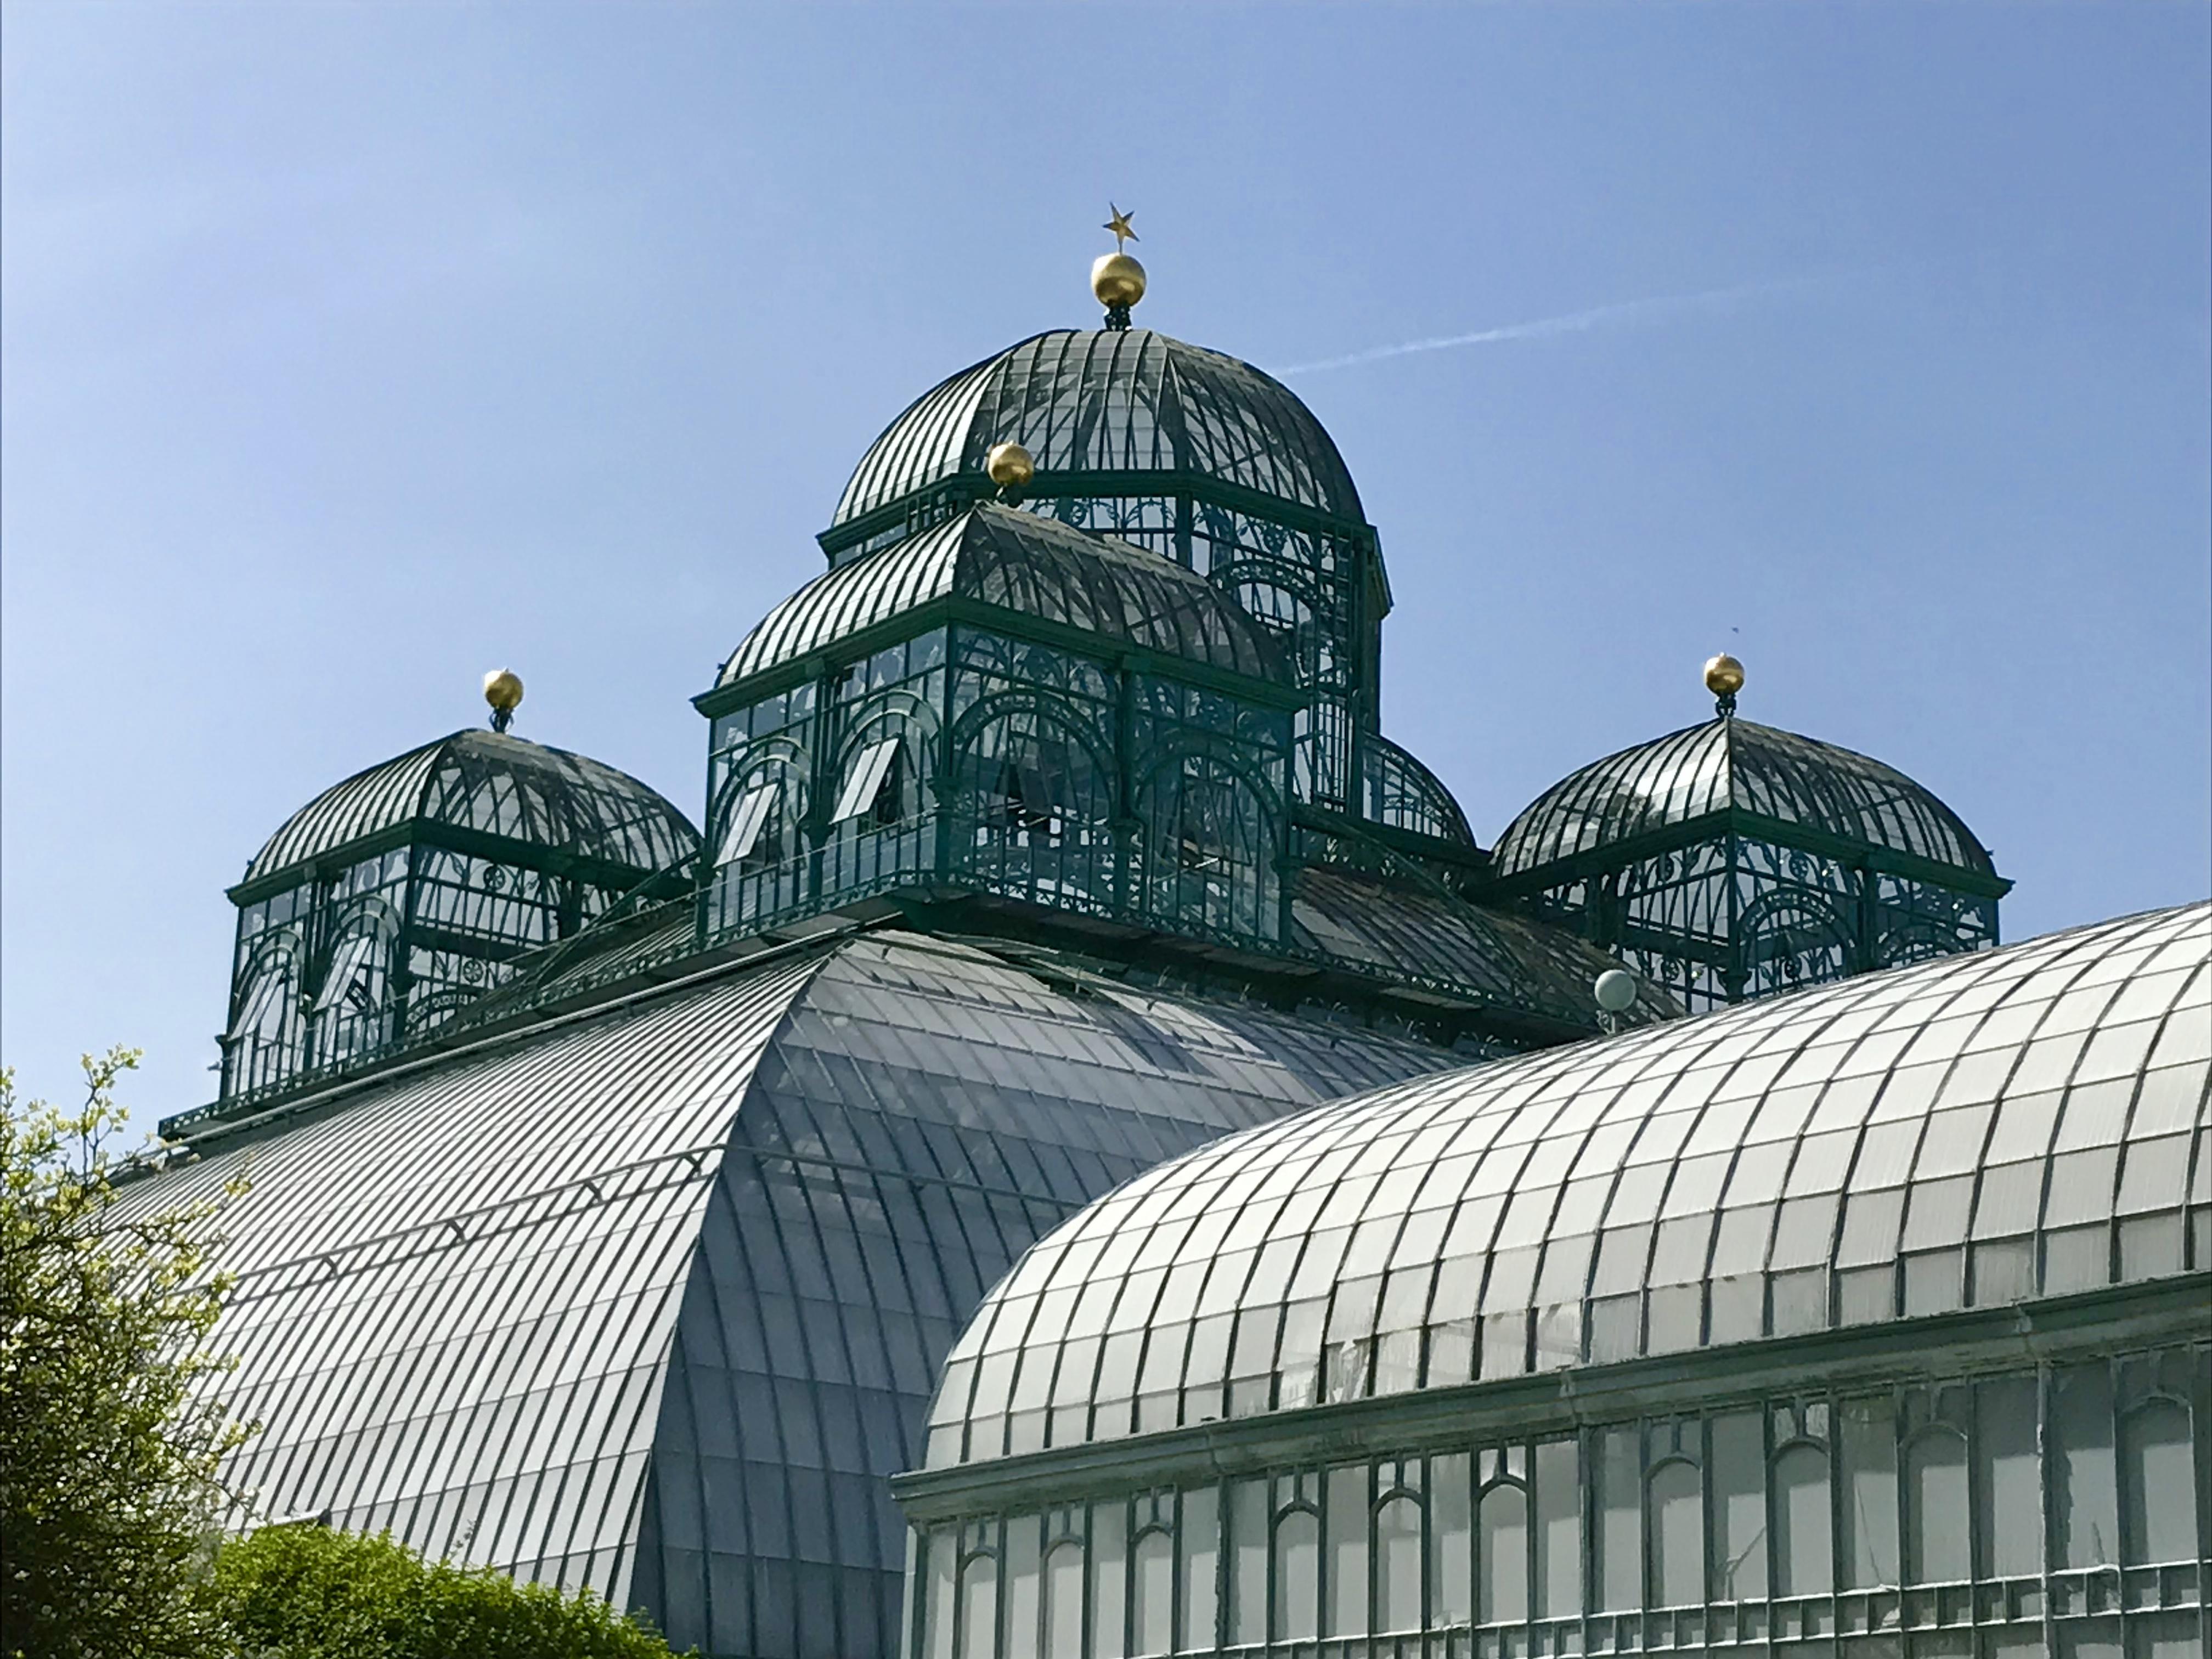 De Koninklijke Serres in Laken - het serrecomplex